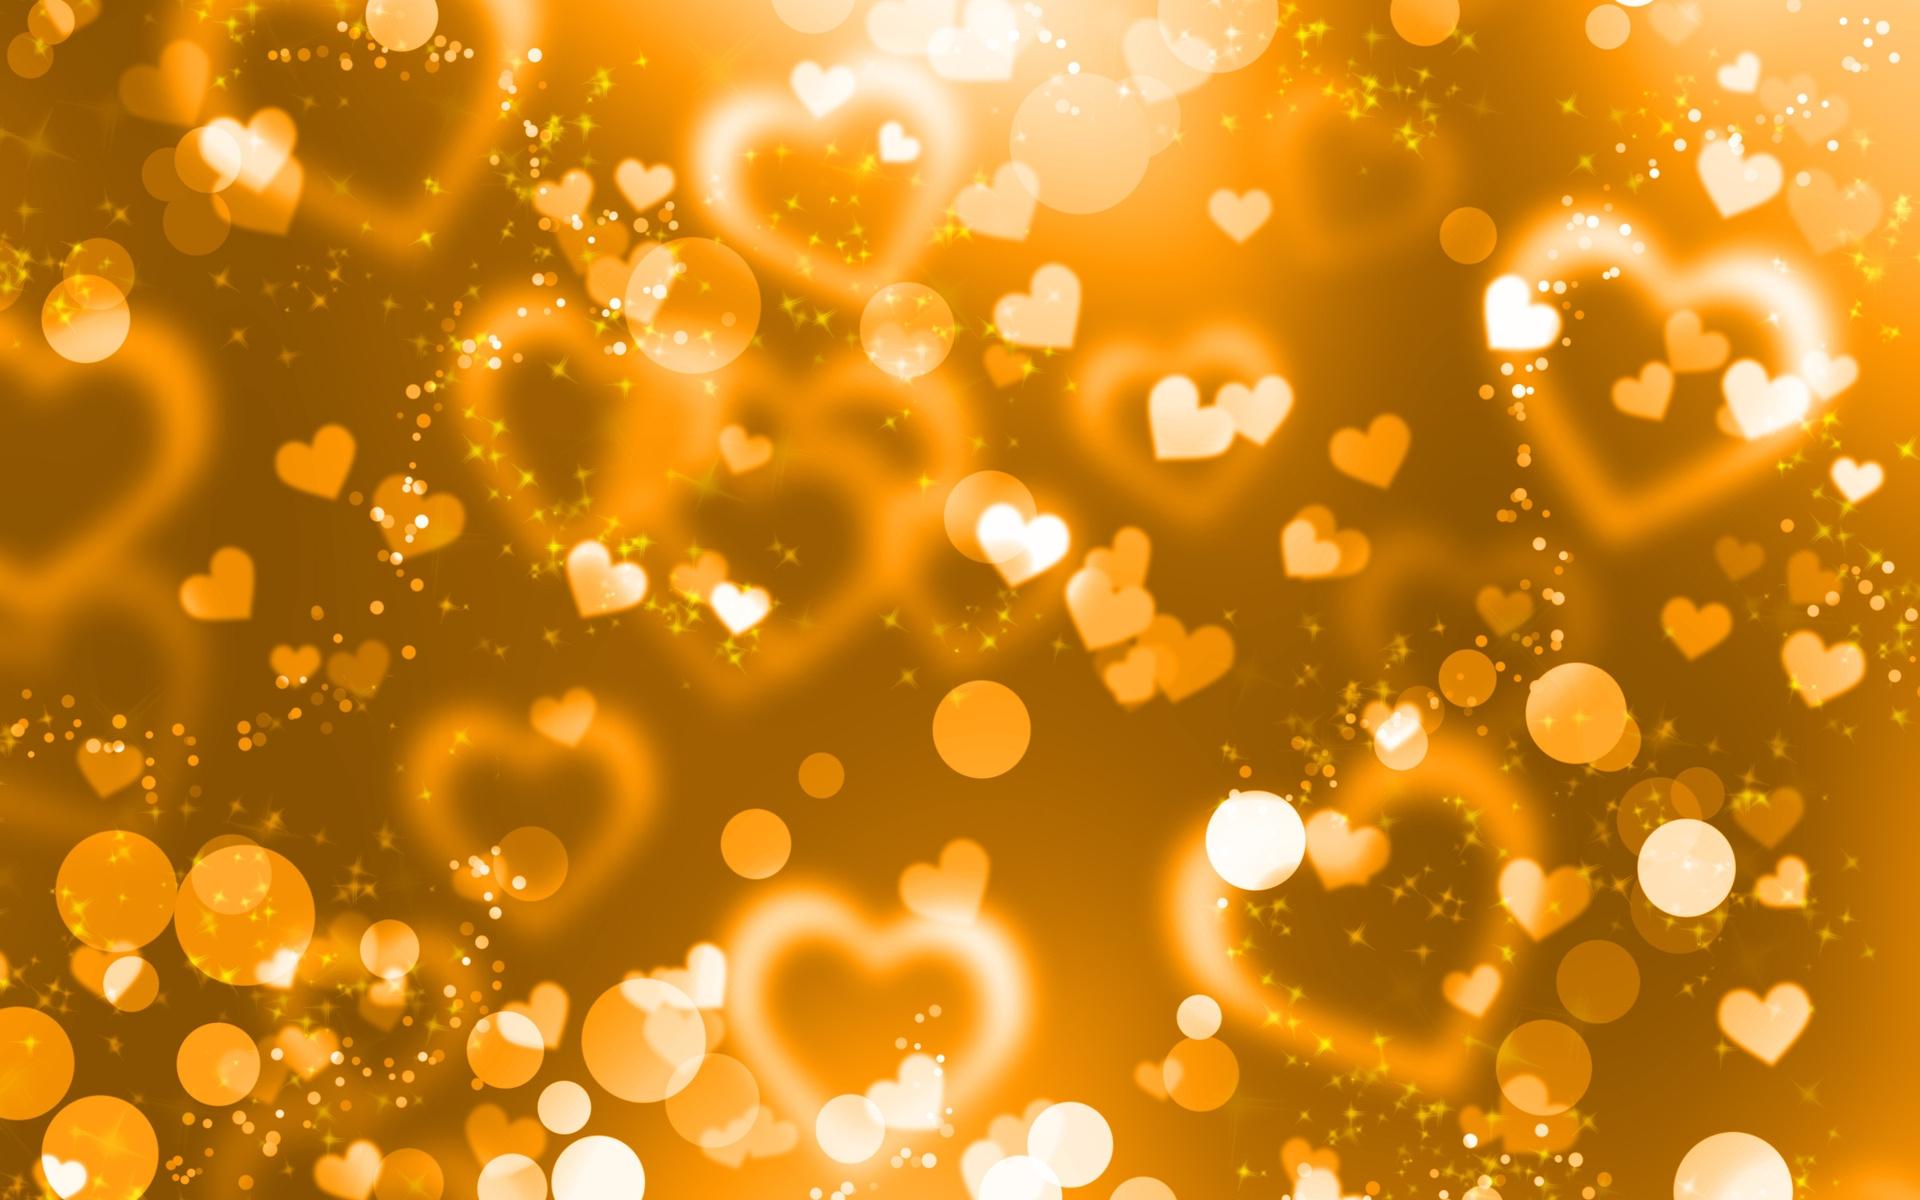 Download Gold Glitter Wallpaper 26006